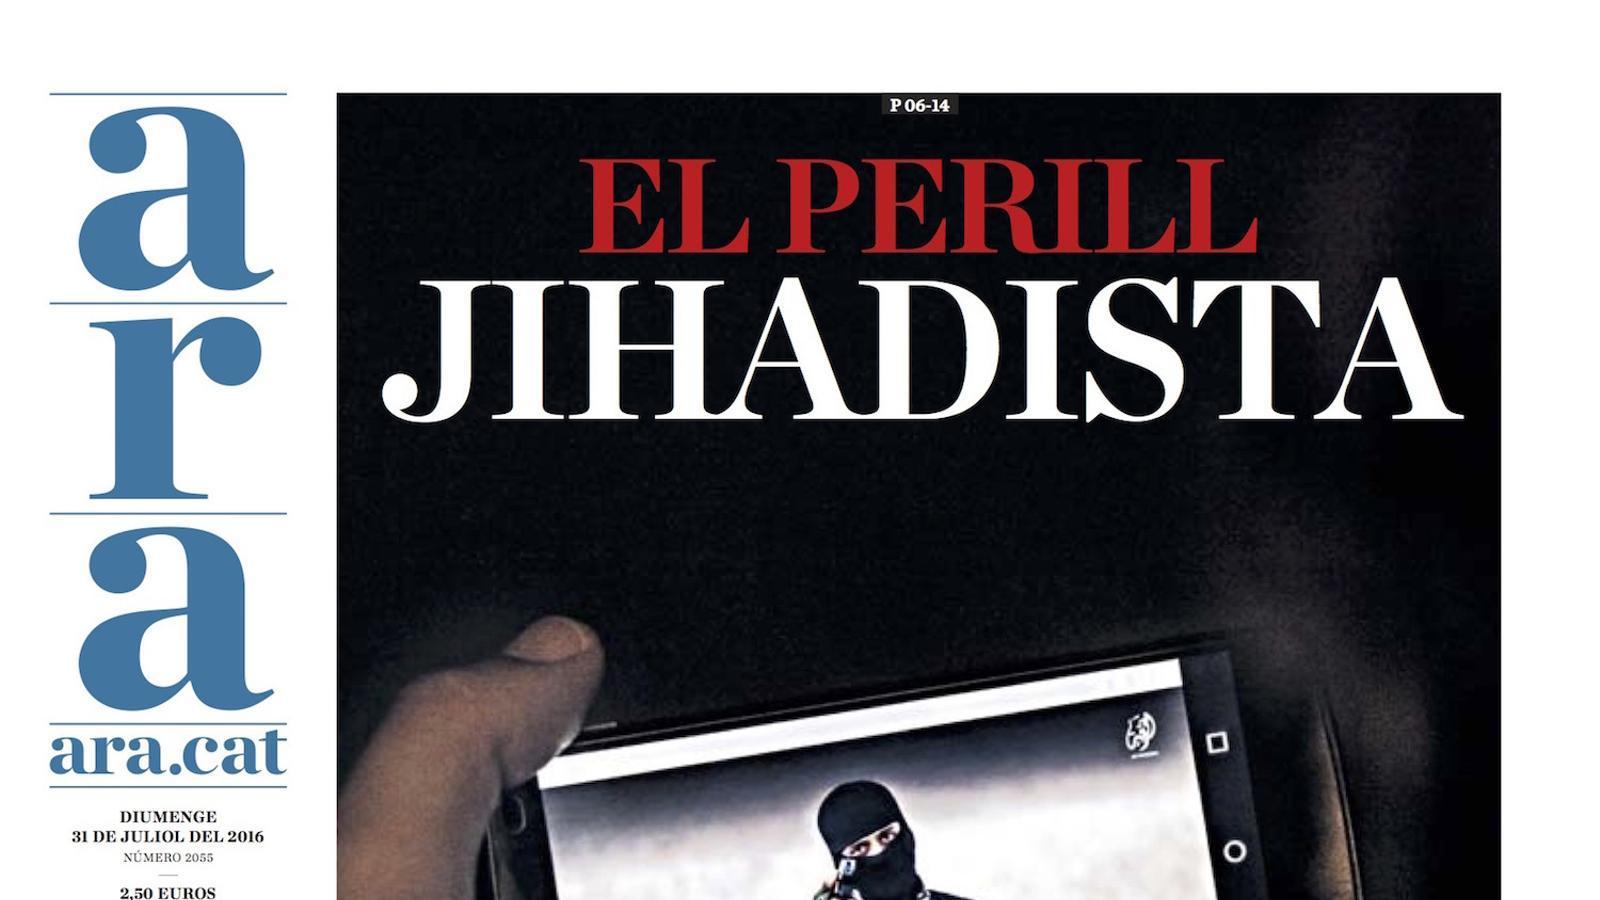 """""""El perill jihadista: Catalunya, focus de radicalització"""", a la portada de l'ARA d'aquest diumenge"""